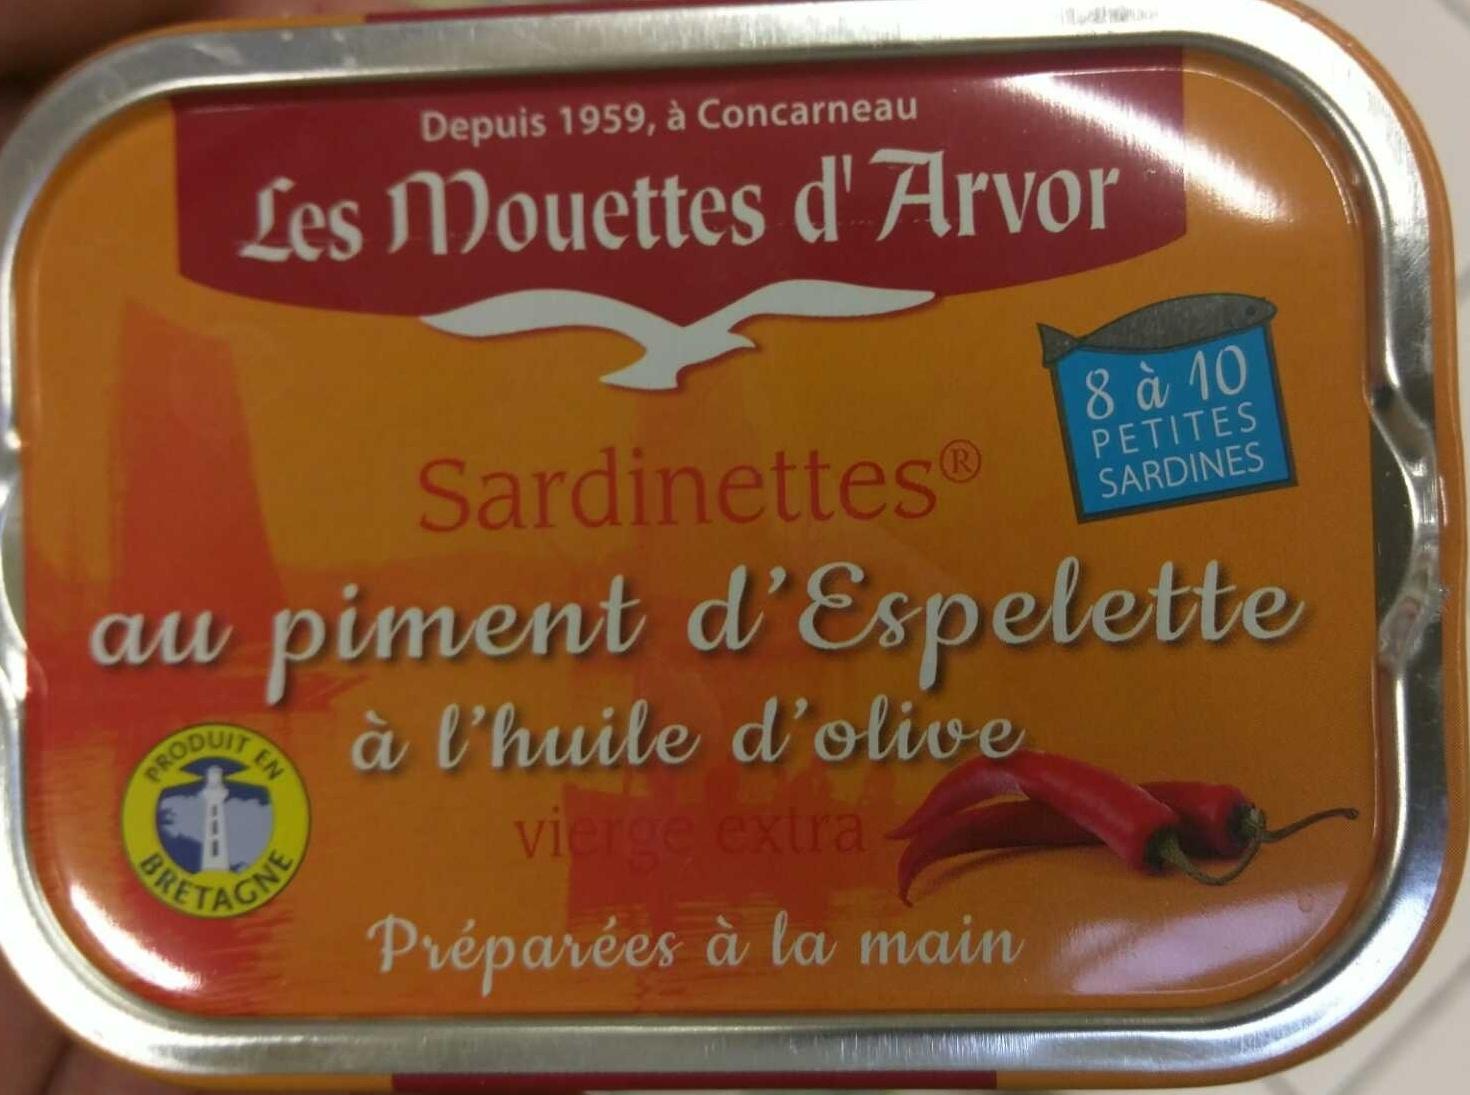 Sardinettes ® au piment d'Espelette à l'huile d'olive - Product - fr